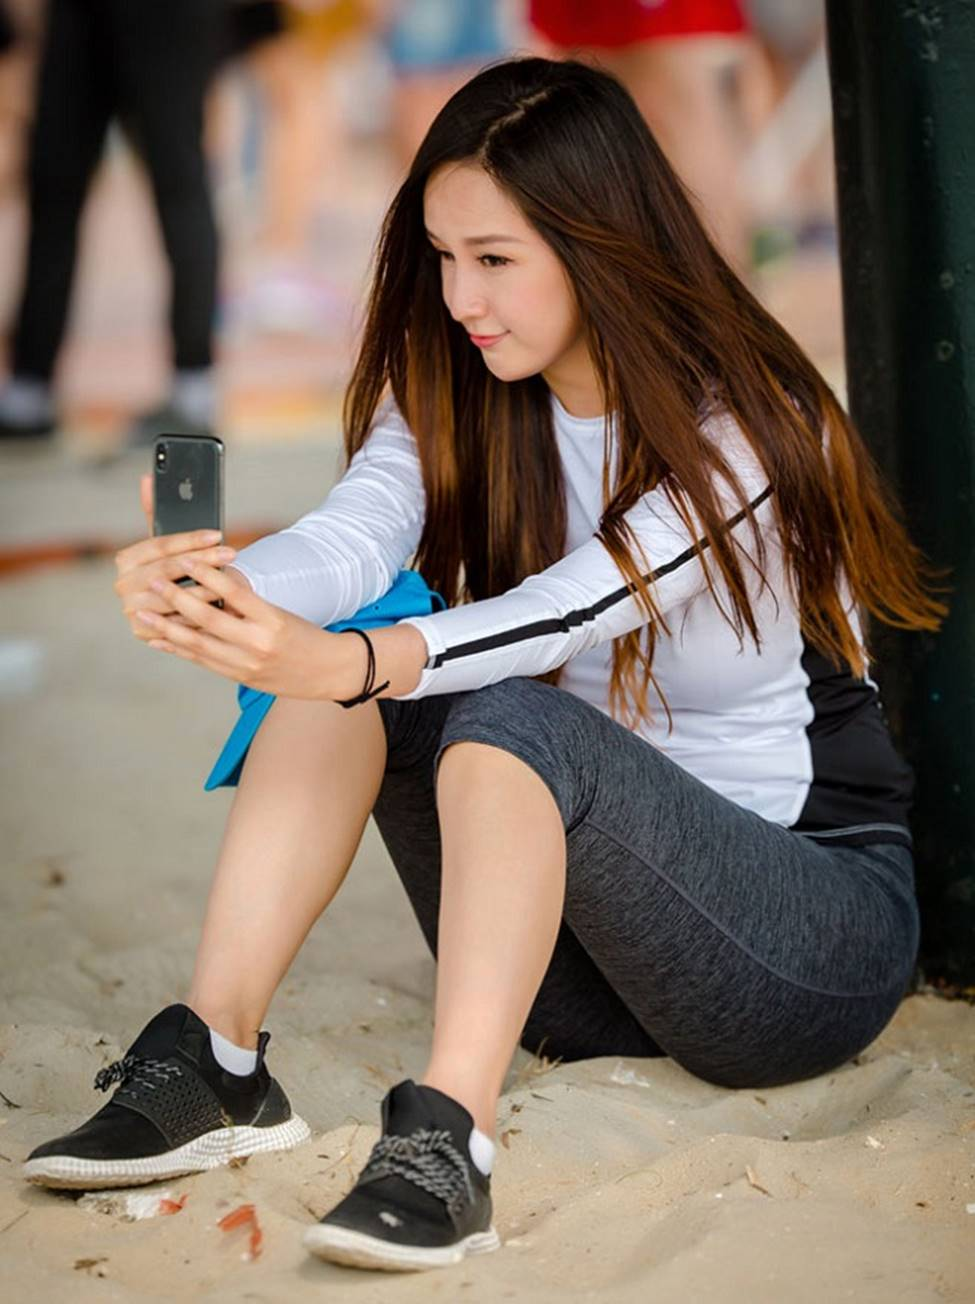 Mai Phương Thúy, Phi Thanh Vân lộ mỡ vì quần áo gợi cảm nhưng phản chủ-3